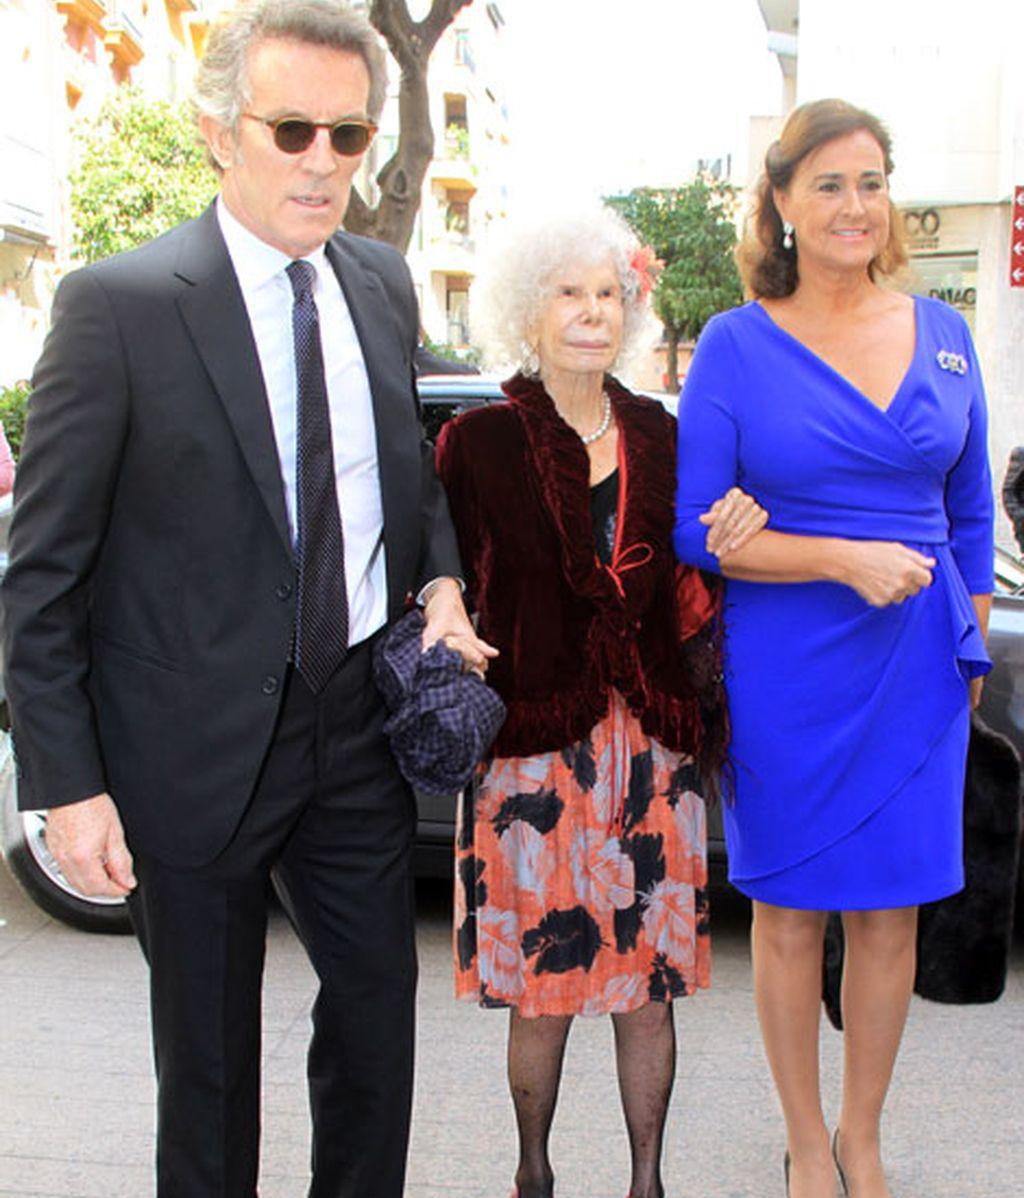 La Duquesa de Alba acudió junto a Alfonso Díez y a Carmen Tello